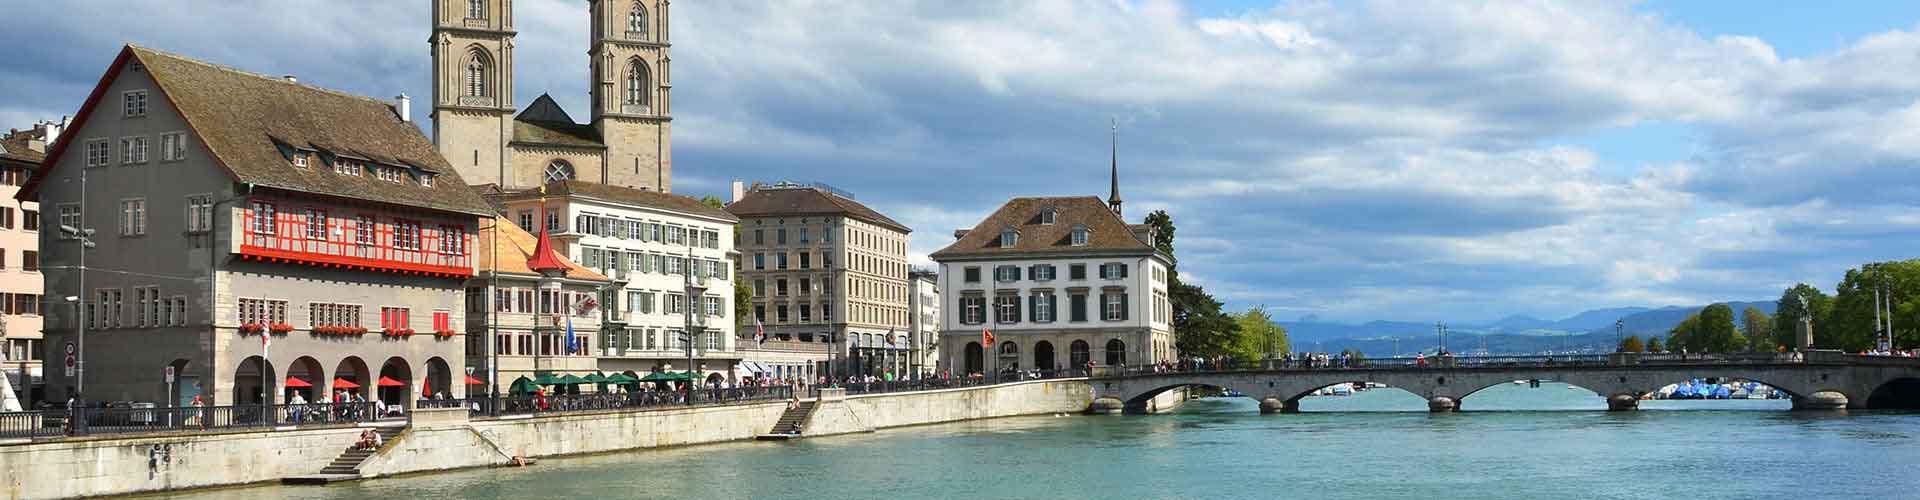 Zurich - Hôtels dans le quartier de Industriequartier. Cartes pour Zurich, photos et commentaires pour chaque hôtel à Zurich.